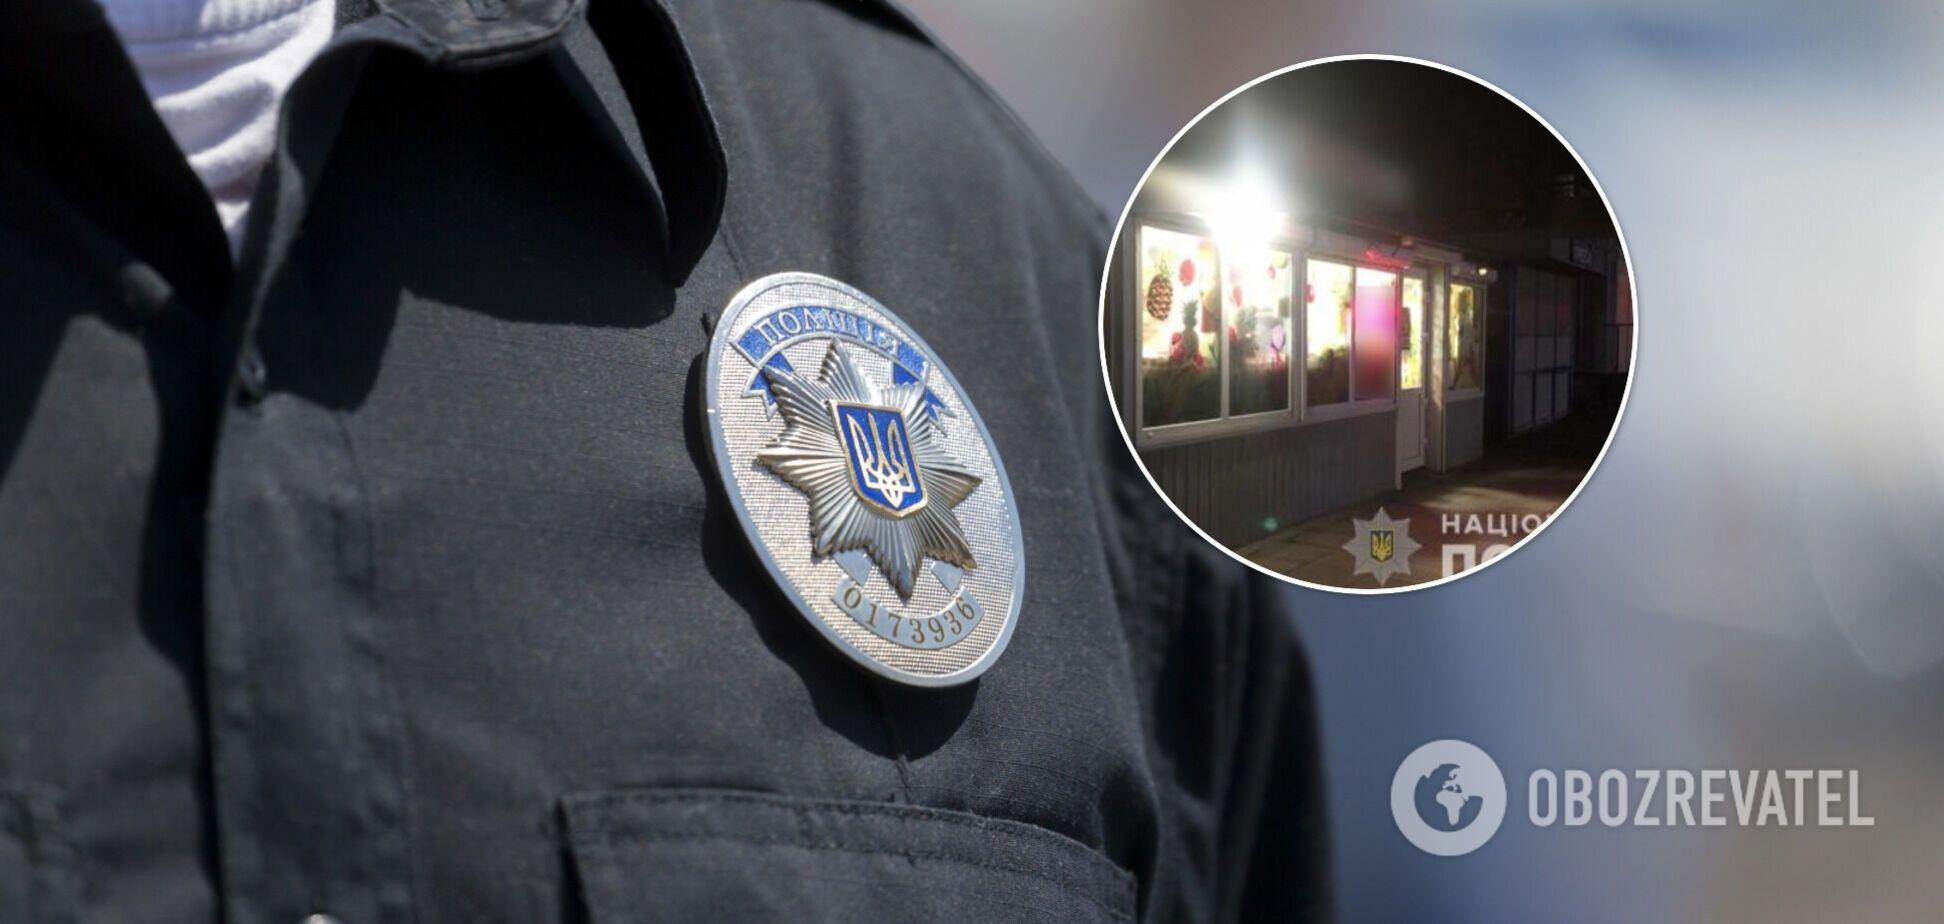 На Киевщине продавщица магазина отбилась от грабителя, сбежать ему не дали очевидцы. Фото